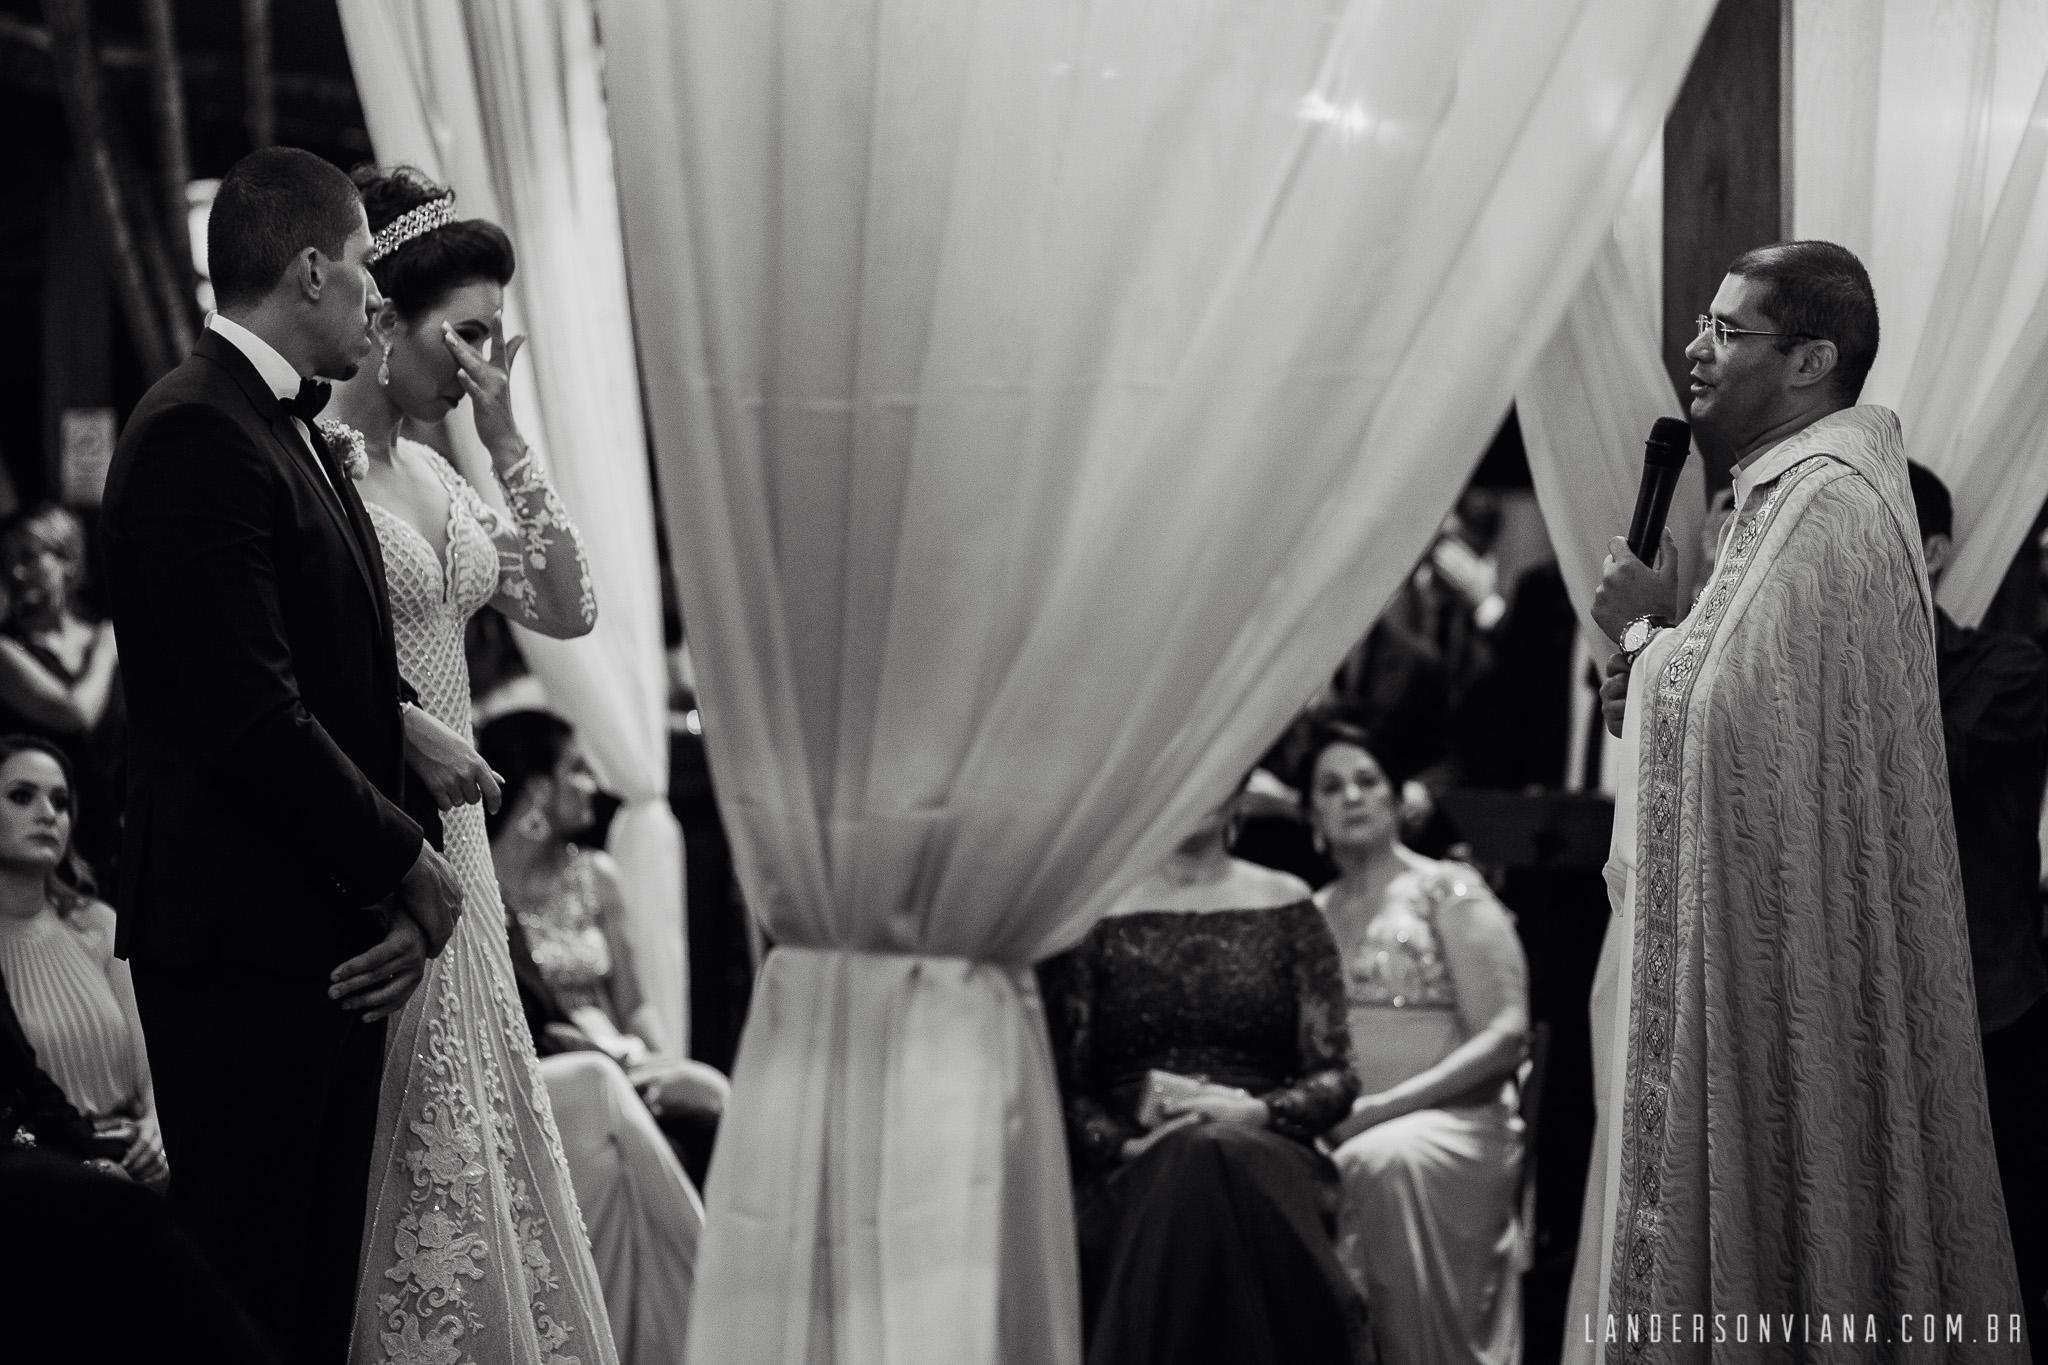 casamento_ar_livre_festa_jessica_raphael-15.jpg